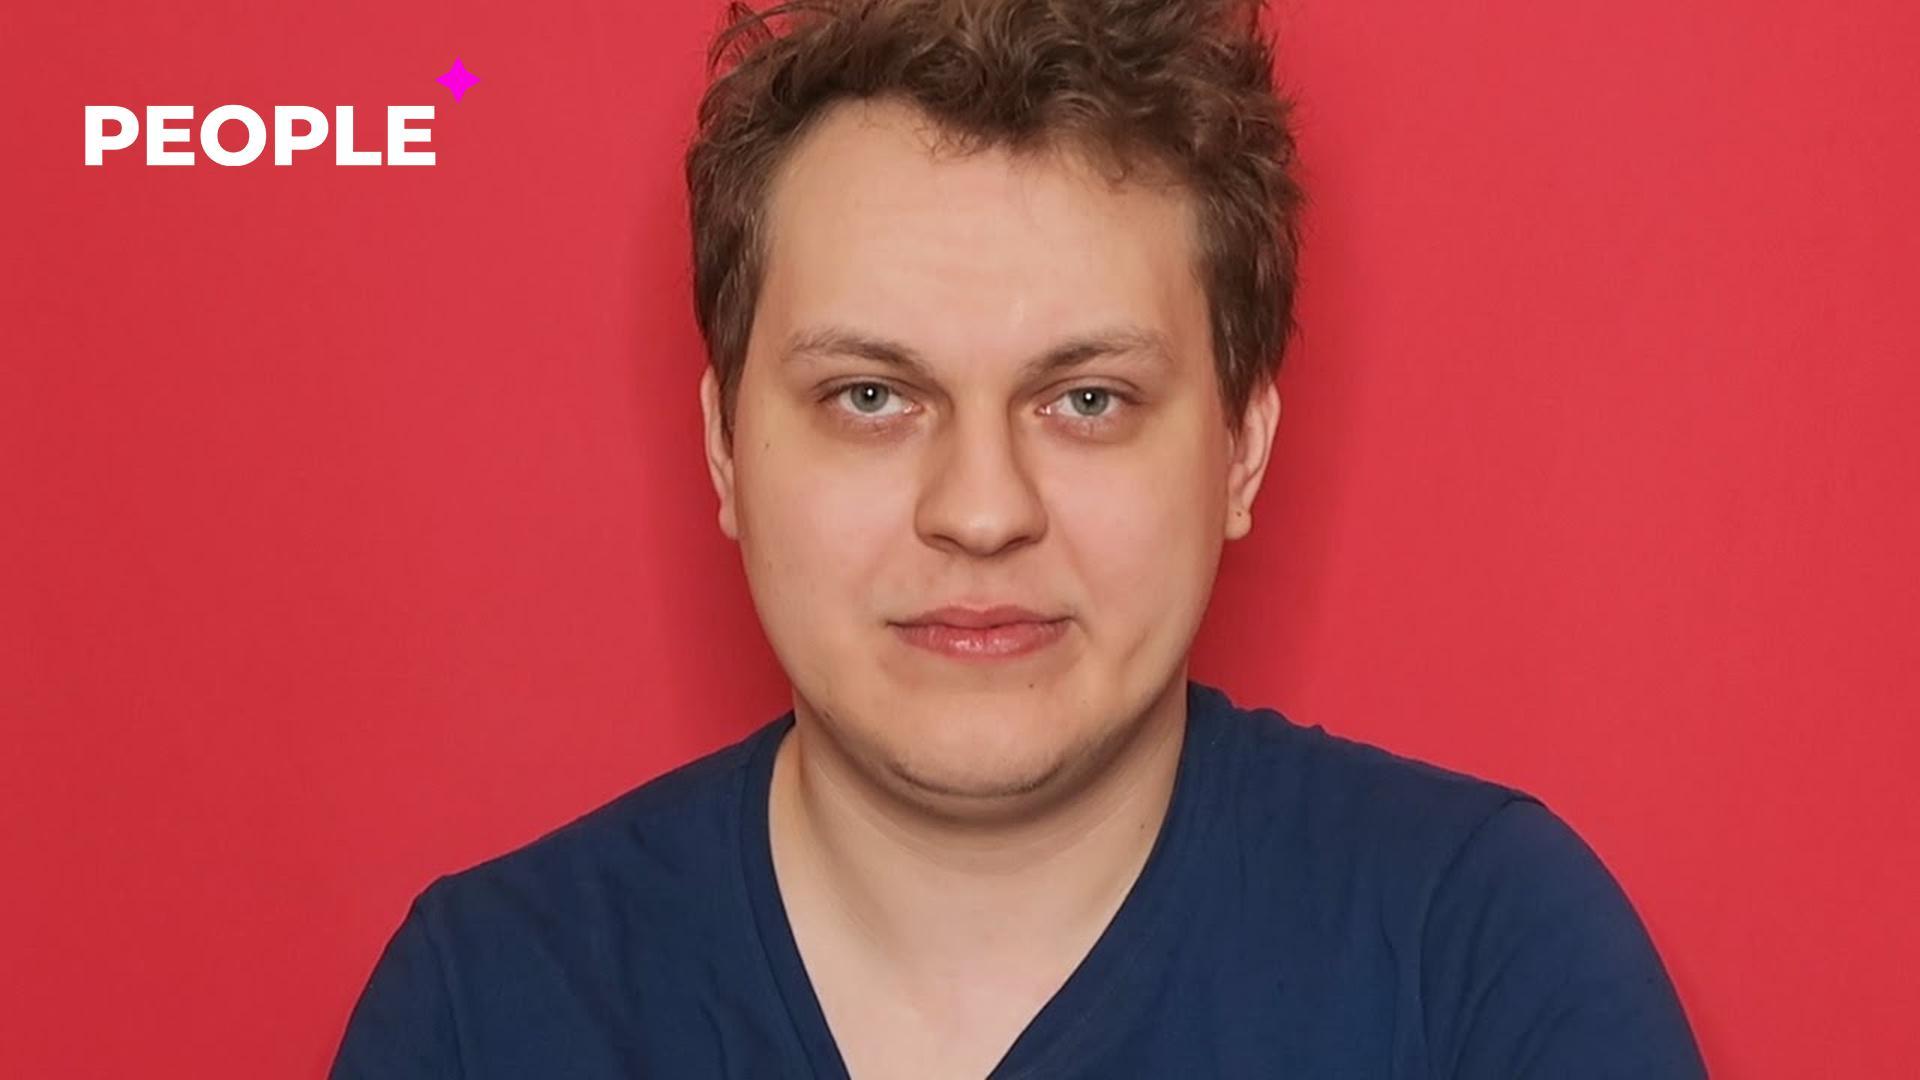 Блогера Юрия Хованского задержали по подозрению в пропаганде терроризма